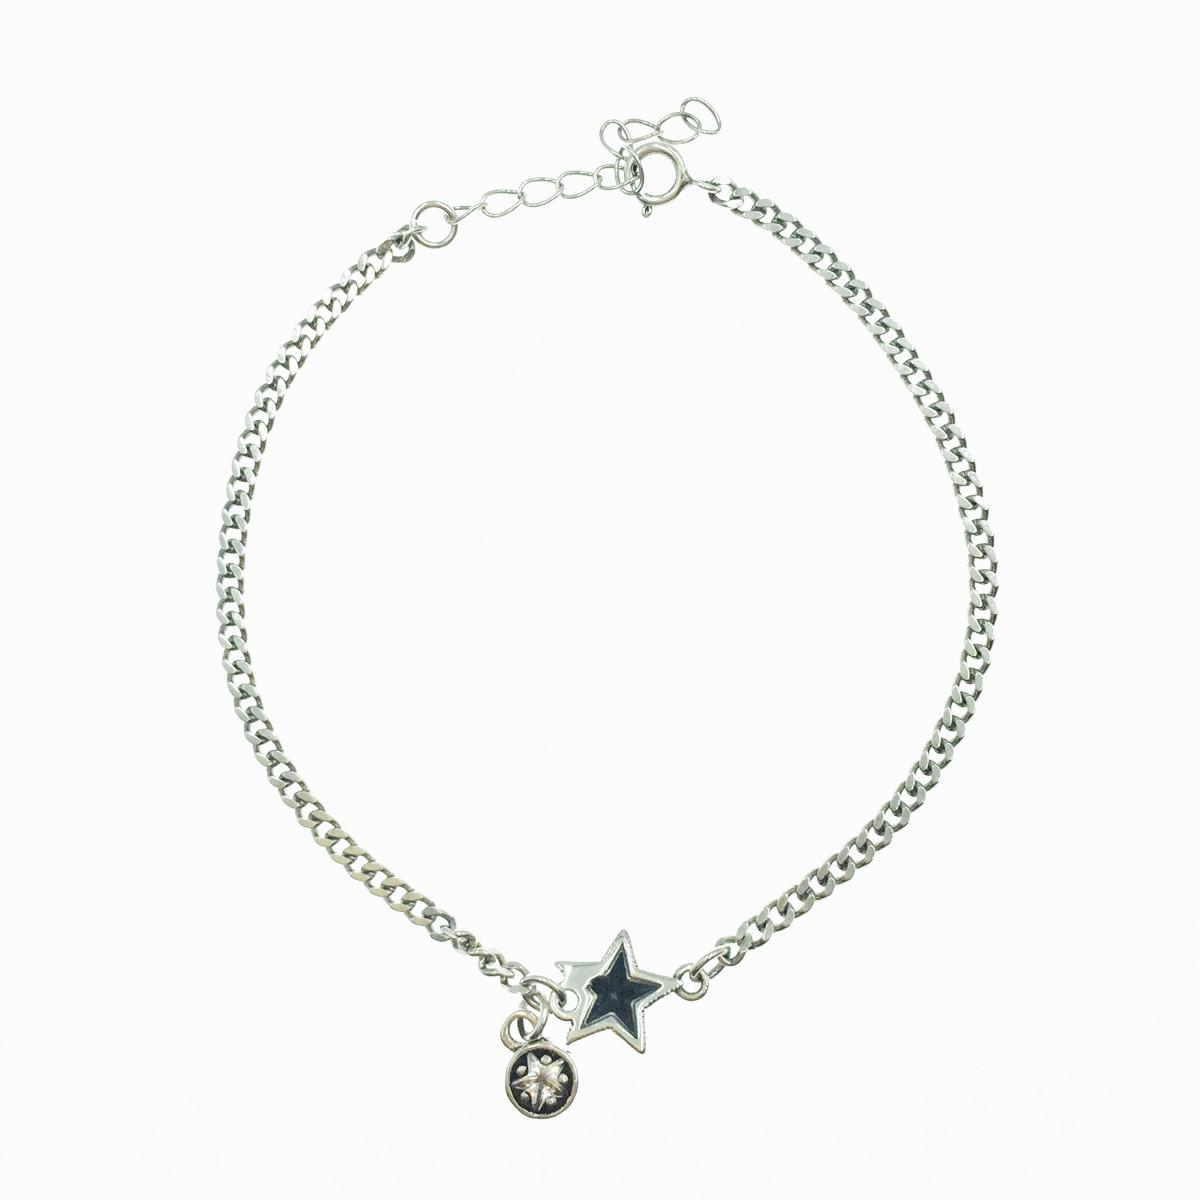 韓國 925純銀 金屬星星 水鑽 羅馬數字 手飾 手鍊